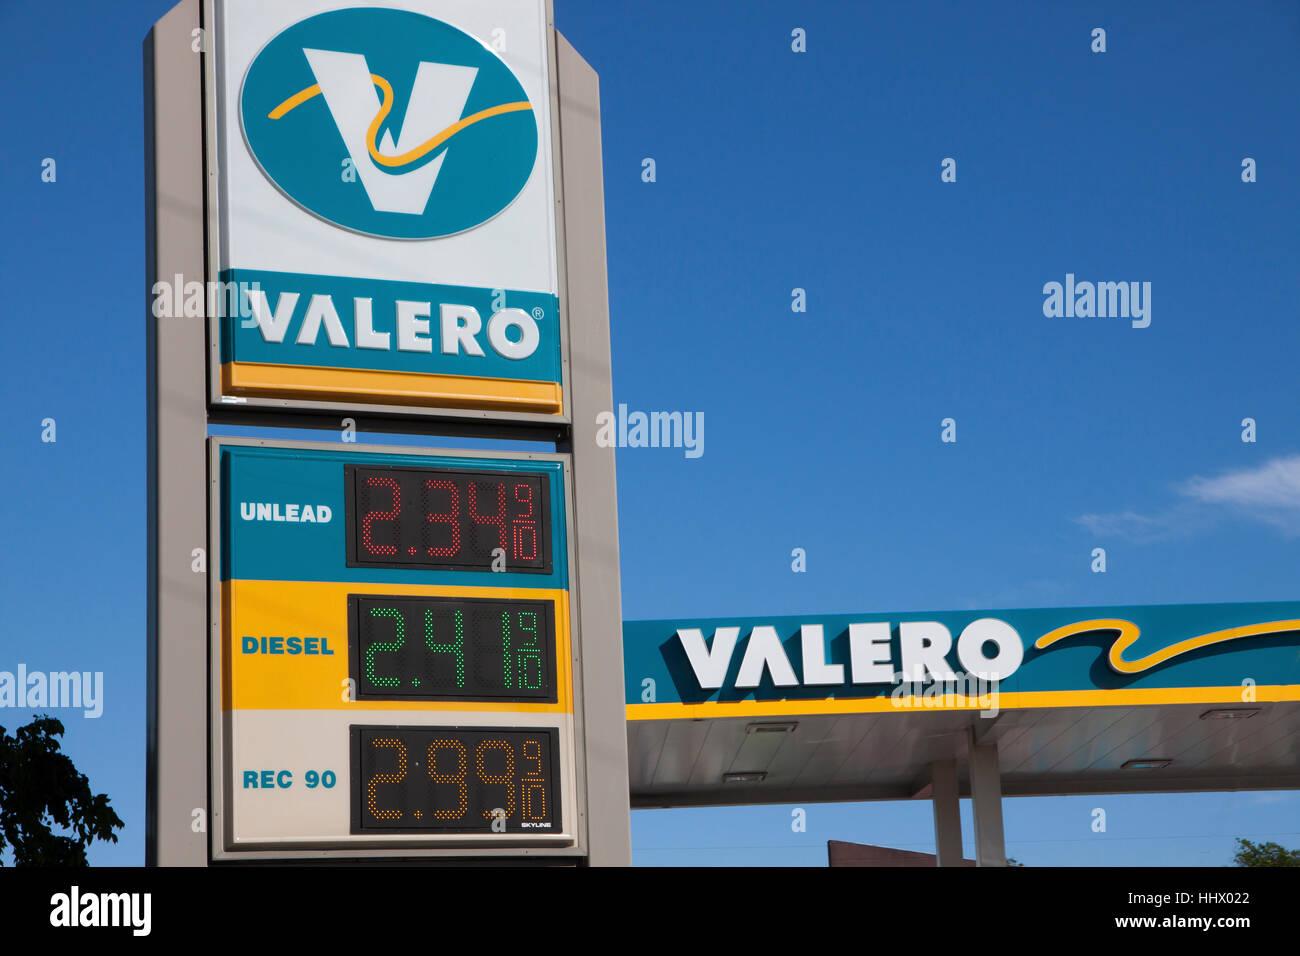 Valero Gas Station Logo Valero Gas Station sho...